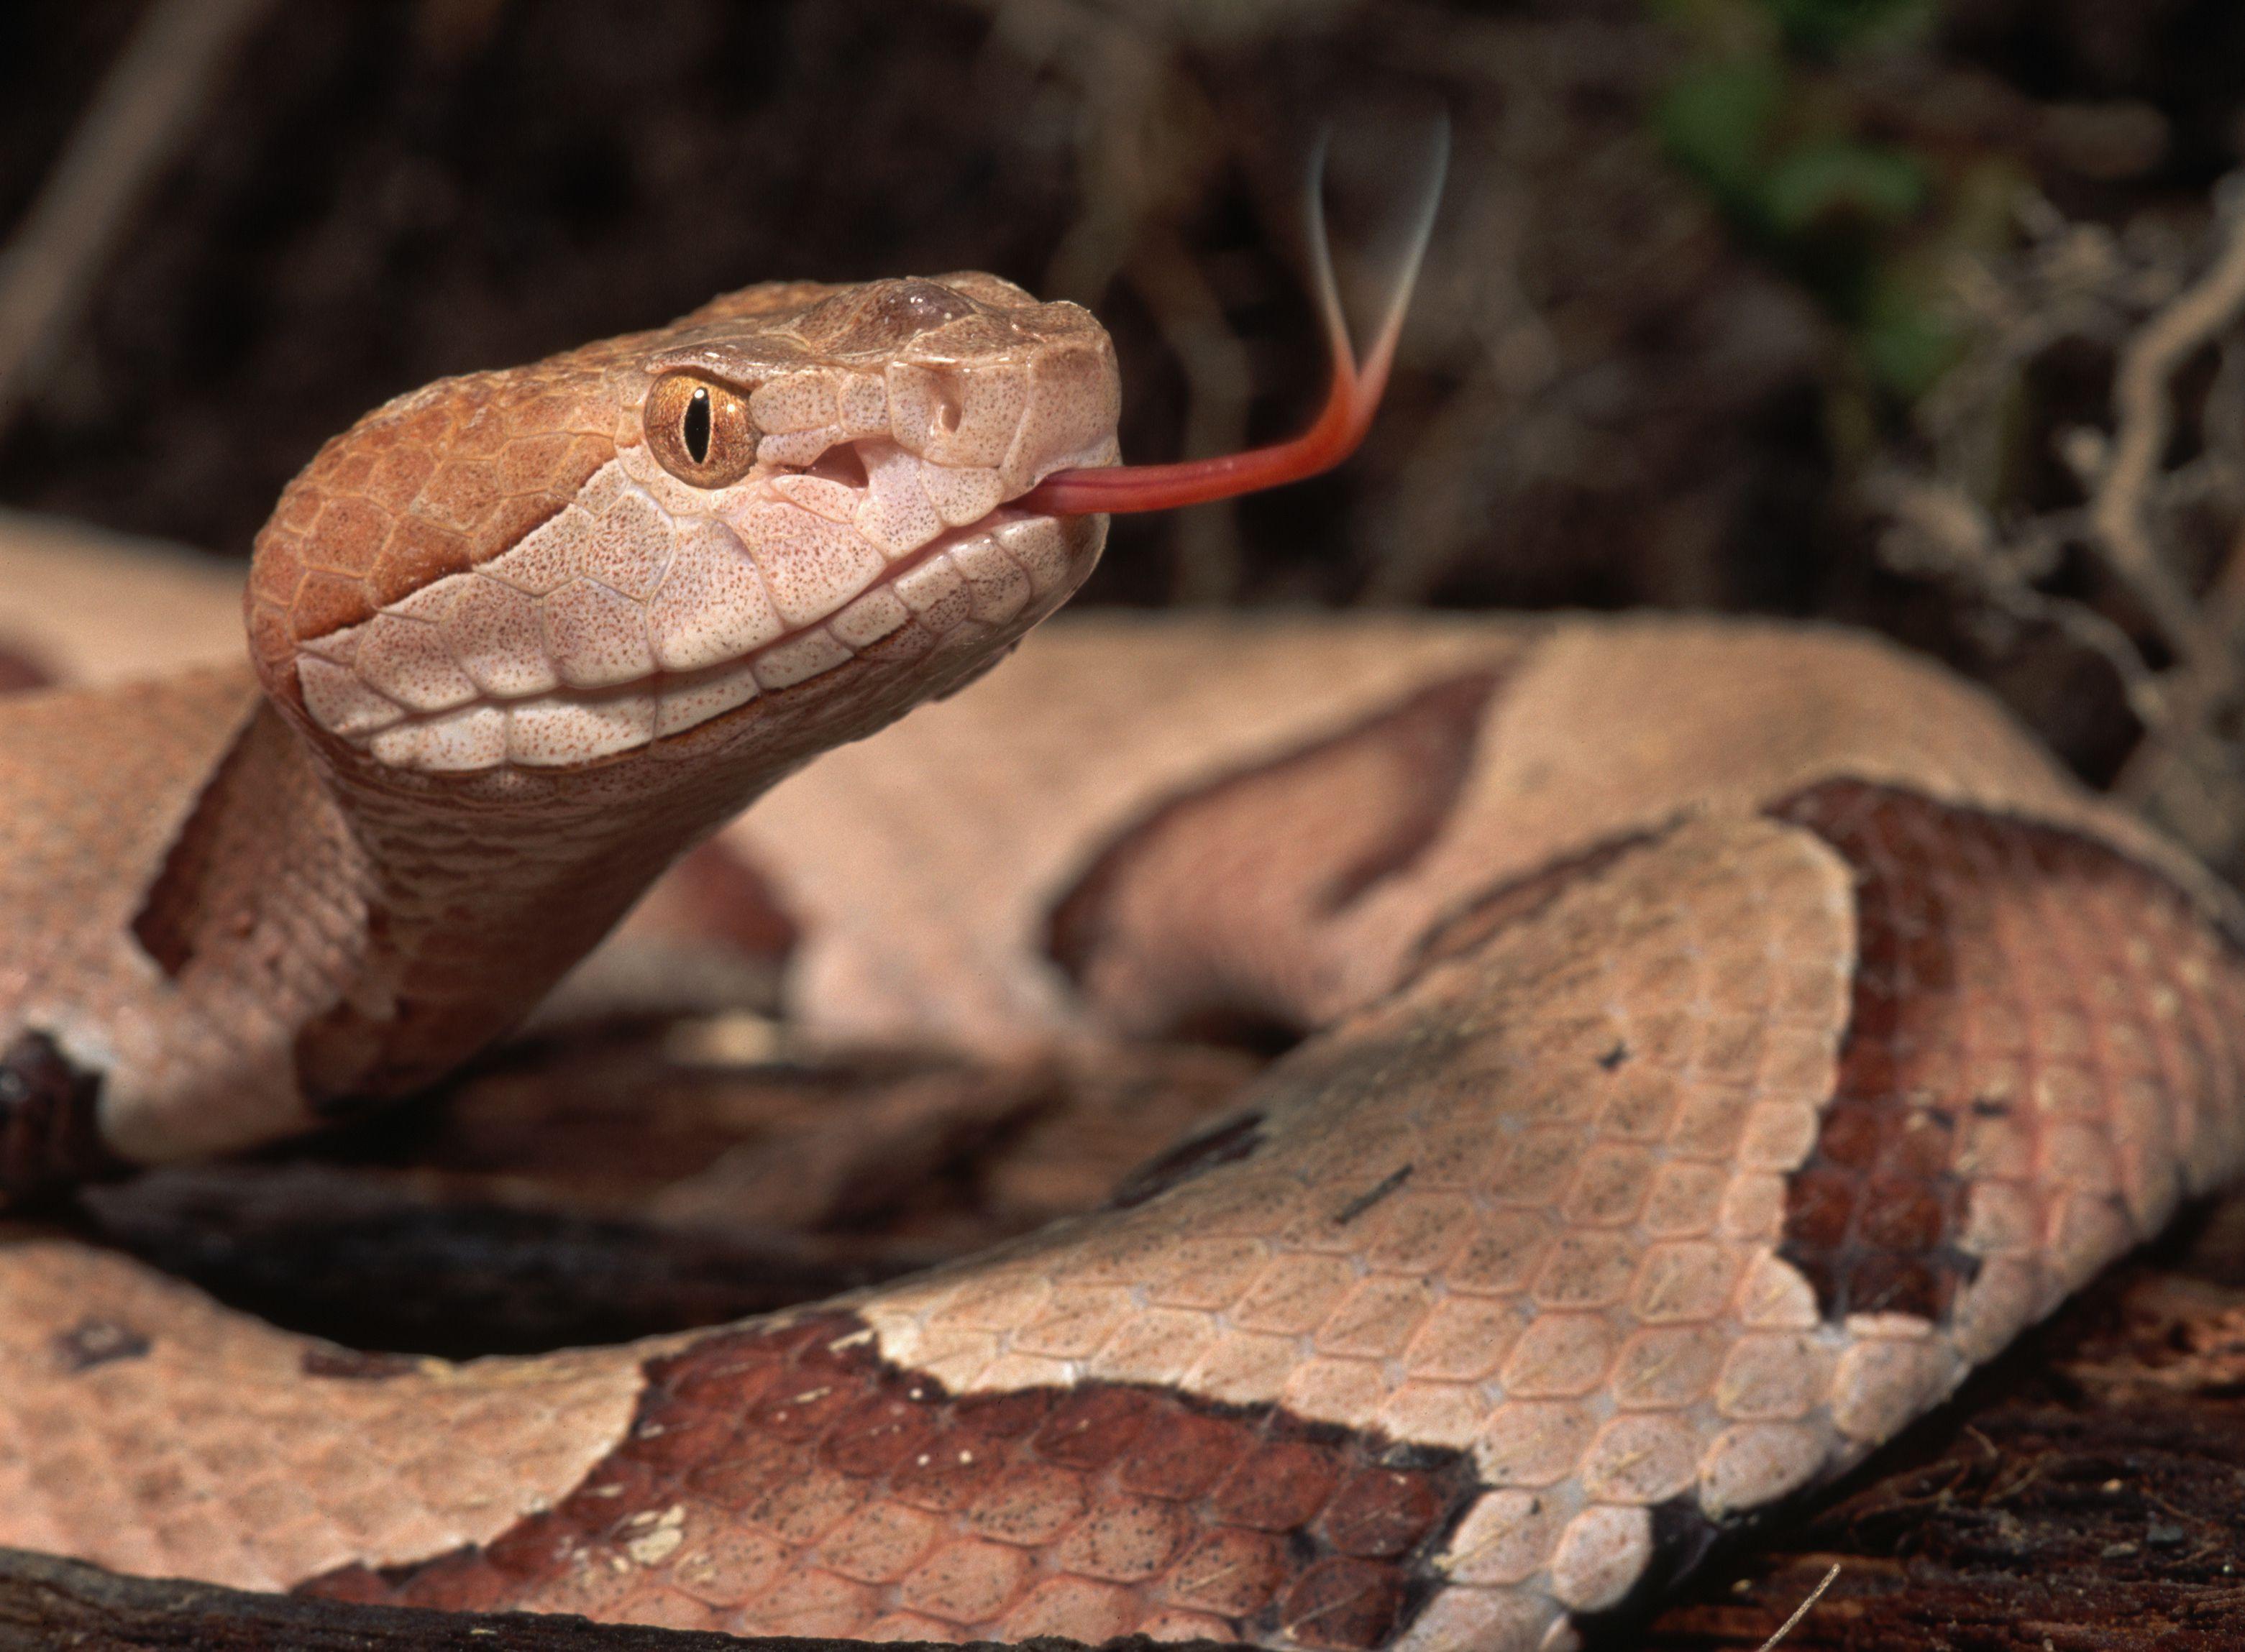 Poisonous Snakes In Georgia